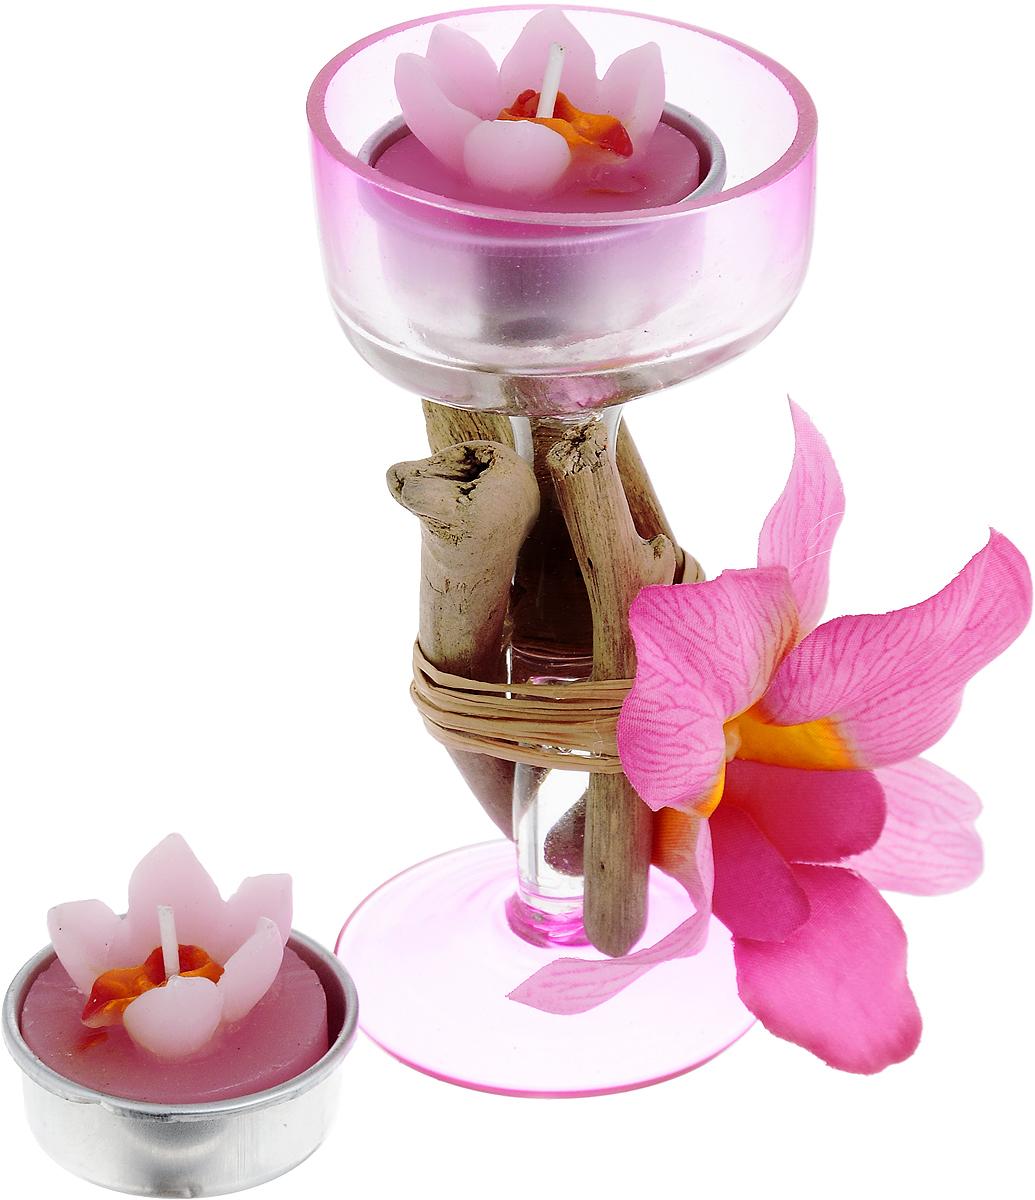 Набор свечей Lovemark Орхидея, с подсвечником, 3 предмета10GSS1122-PНабор Lovemark Орхидея представляет собой 2 свечи в виде цветков. В комплект входит стеклянный подсвечник в виде бокала на ножке, оформленного изысканным декоративным элементом в виде веточек и цветком орхидеи. Такой набор элегантно оформит интерьер вашего дома. Мерцание свечи создаст атмосферу романтики и уюта. Размер свечи: 4 х 4 х 3 см. Диаметр подсвечника (по верхнему краю): 5,5 см. Высота подсвечника: 11,8 см. Диаметр свечи: 3,5 см.